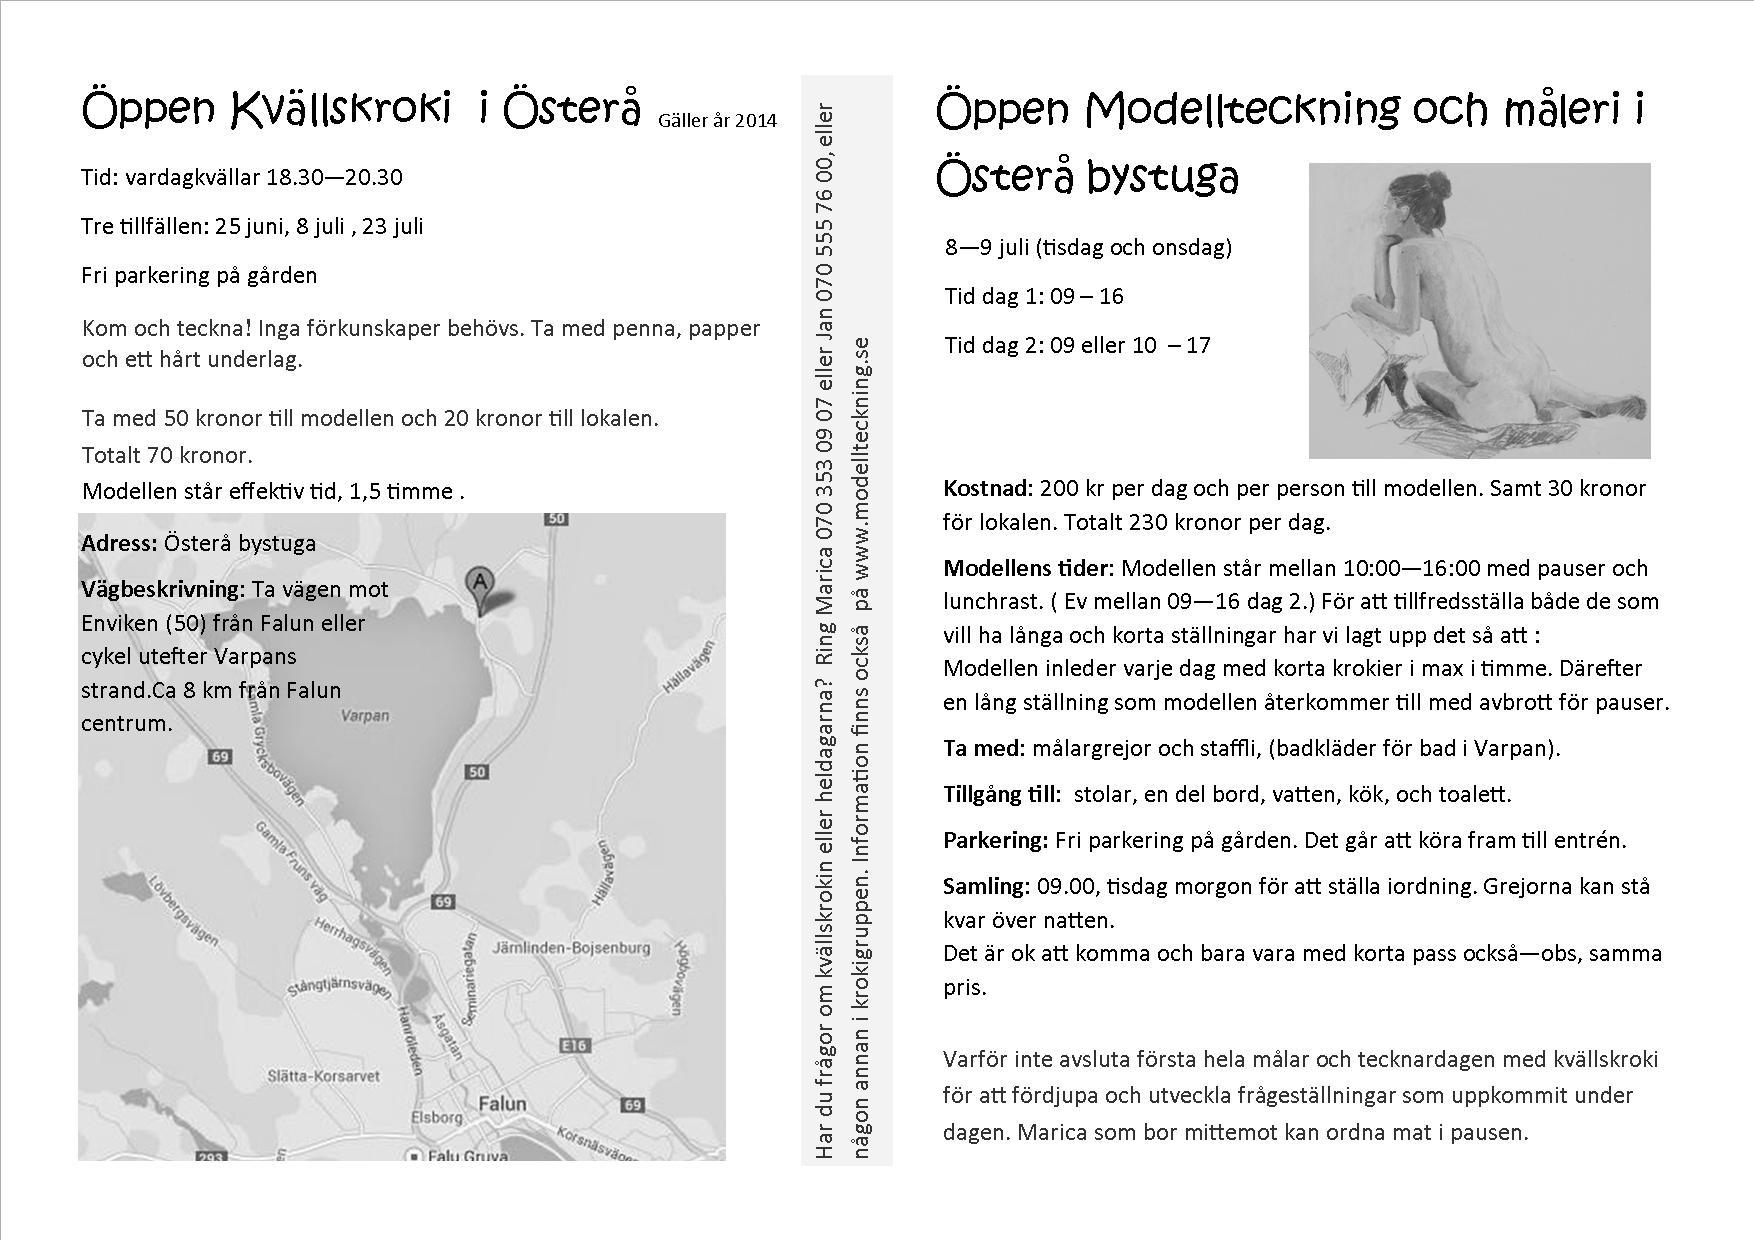 Öppen kvällskroki och modellmåleri - 2014 Program österåbystuga